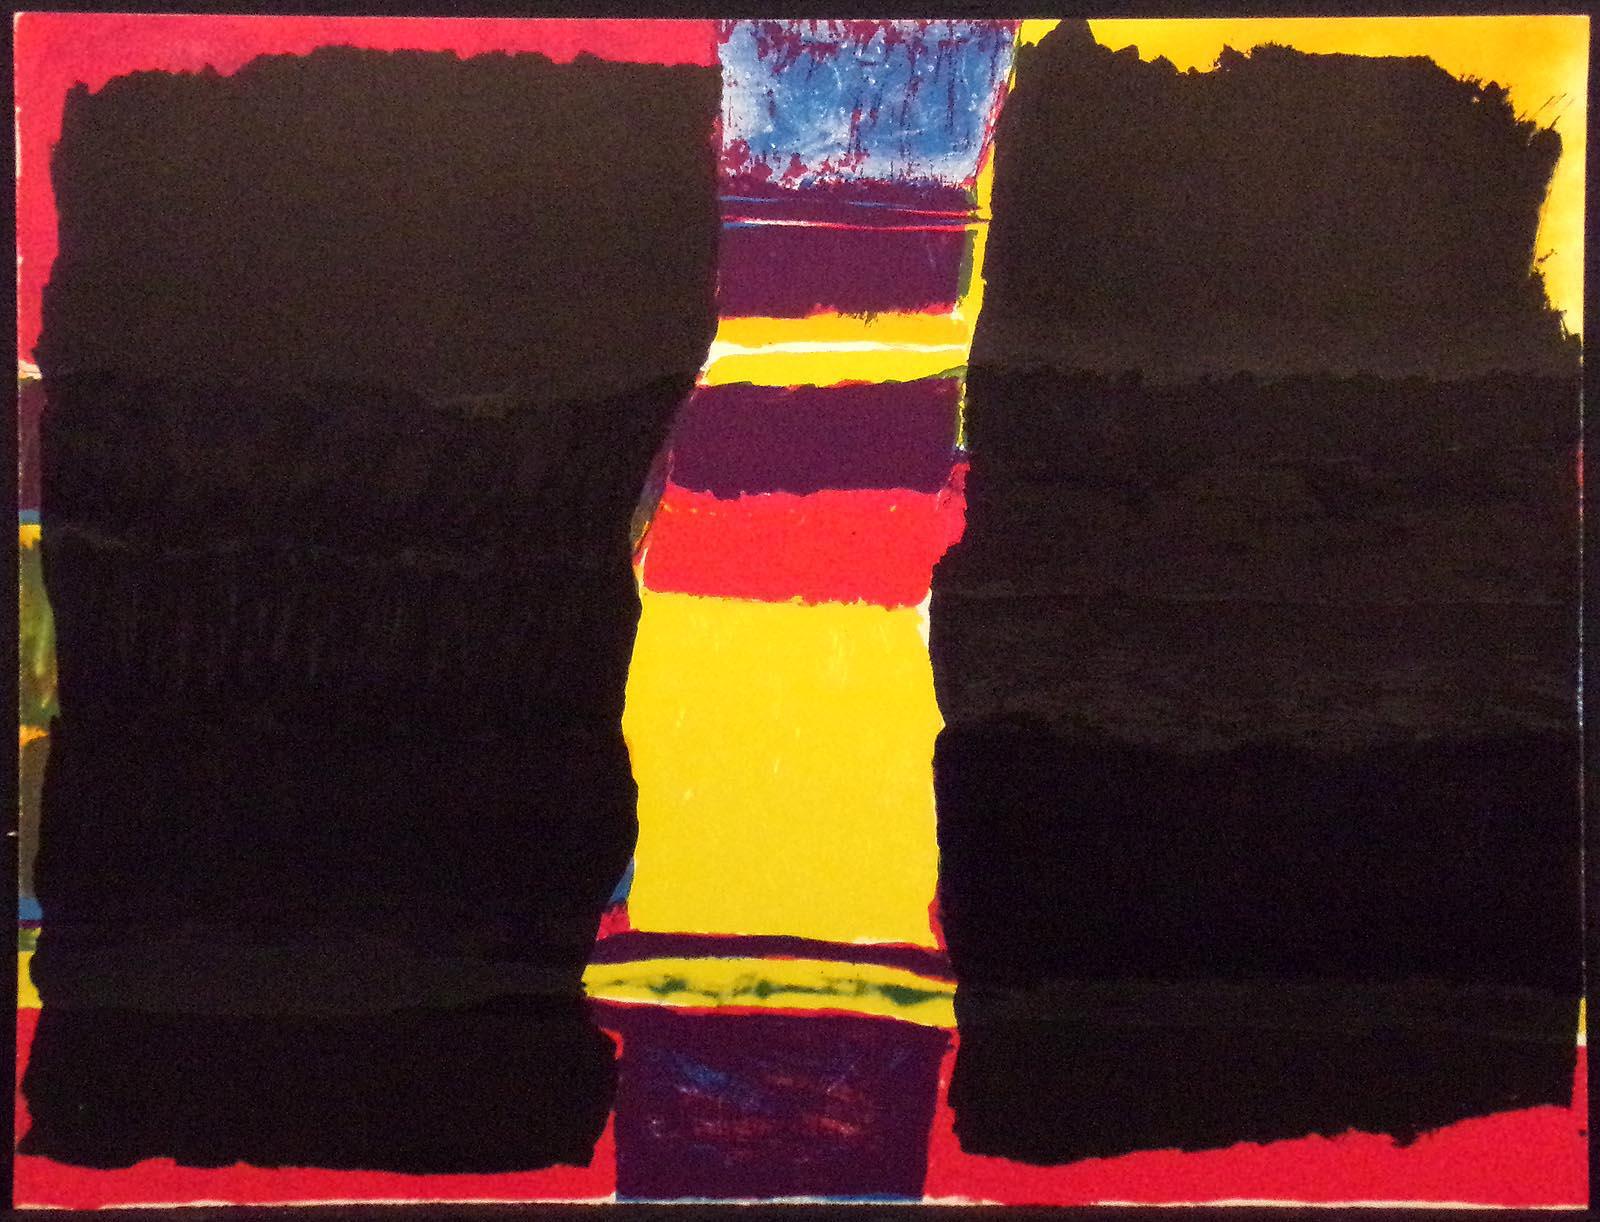 ORIGINAL Multicolor Serigraph SILK SCREEN Unframed Print When Birds Come Back 1973